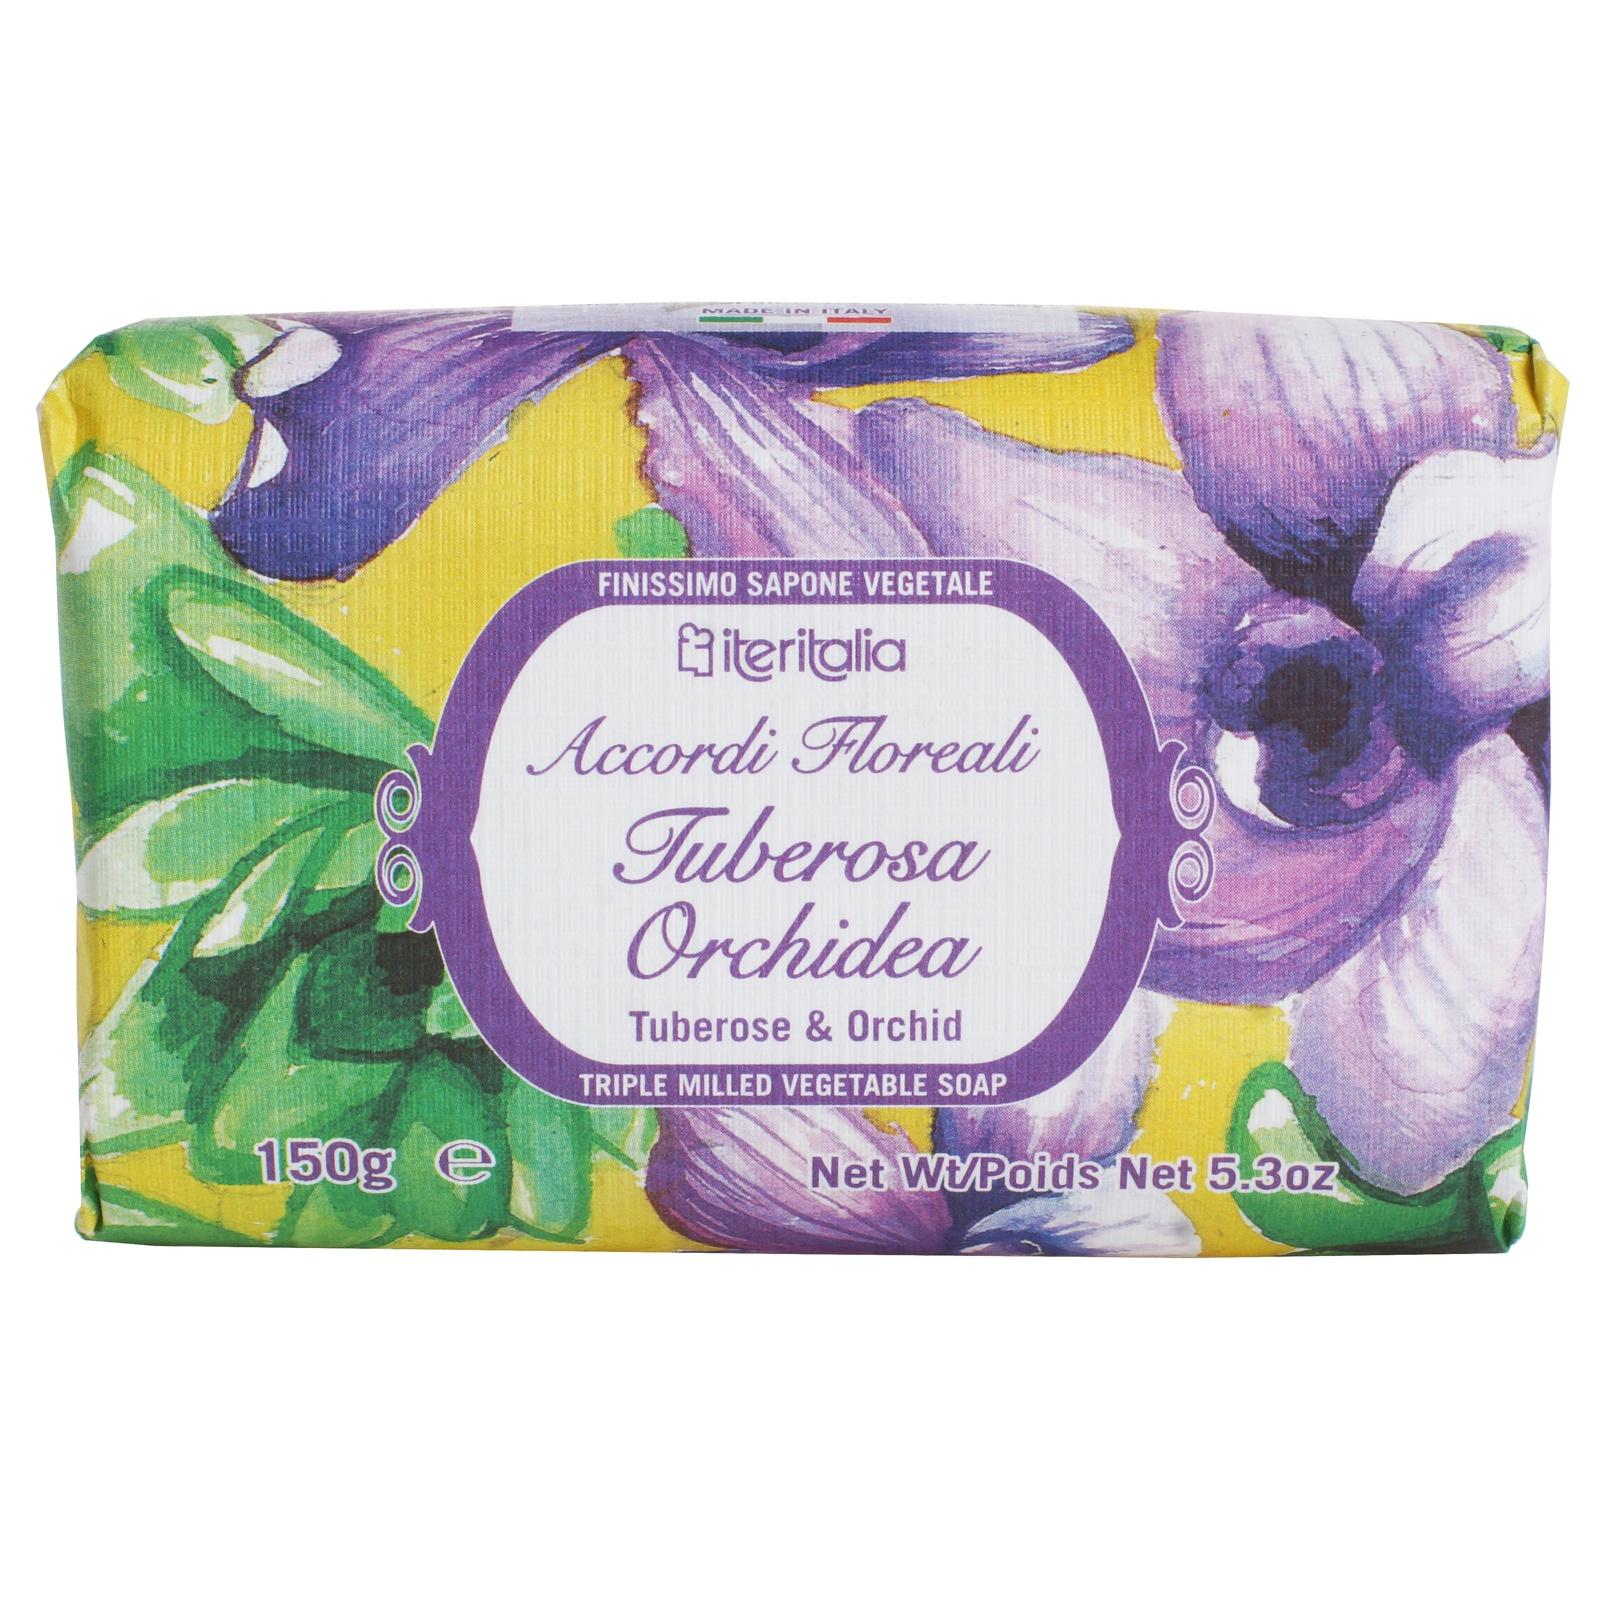 Мыло туалетное Iteritalia Косметическое натуральное iteritalia мыло высококачественное натуральное растительное с ароматом мандарин юдзу 125 г